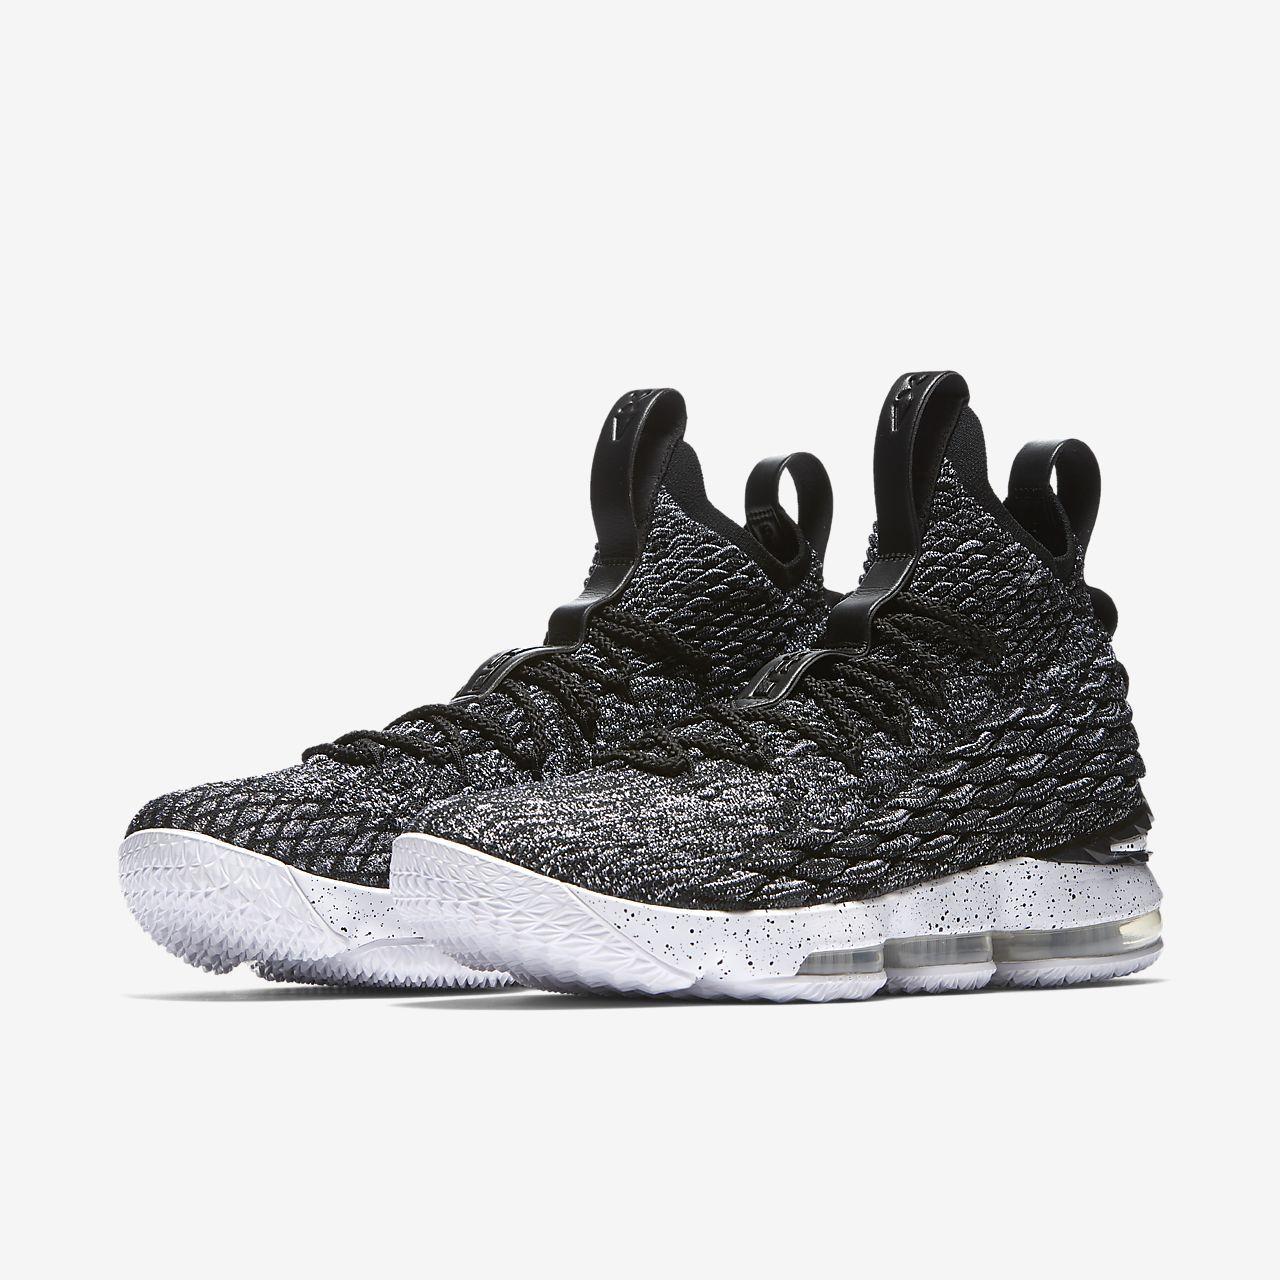 LeBron 15 Basketball Shoe | Shoes | Pinterest